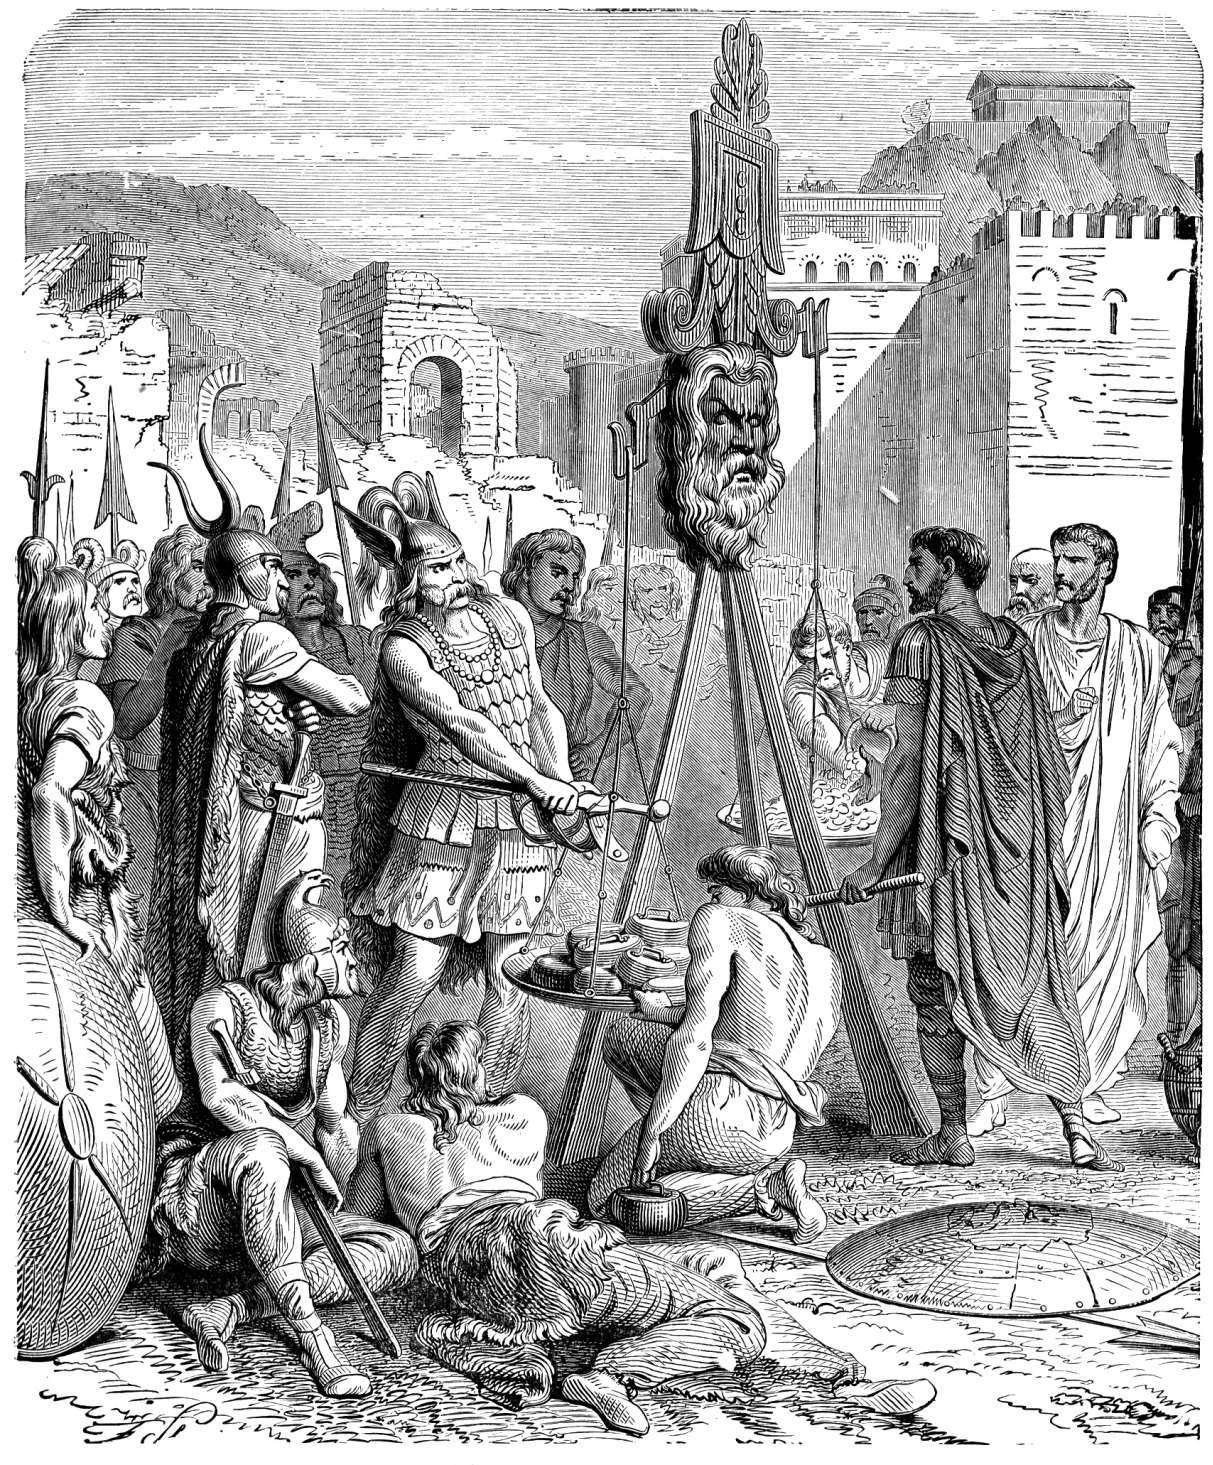 Όταν ο Ρωμαίος στρατηγός και πολιτικός Κάμιλλος Μάρκος Φούριος (Μarcus Furius Camillus) αντιτάχθηκε στον υπολογισμό τους βάρους του χρυσού ο Βρέννος αρχηγός των Γαλατών έρριξε το ξίφος τους στην μεριά του δίσκου της ζυγαριάς προσθέτοντας επιπρόσθετο βάρος και λέγοντα τη φράση «Vae victis» Ουαί τοις ηττημένοις